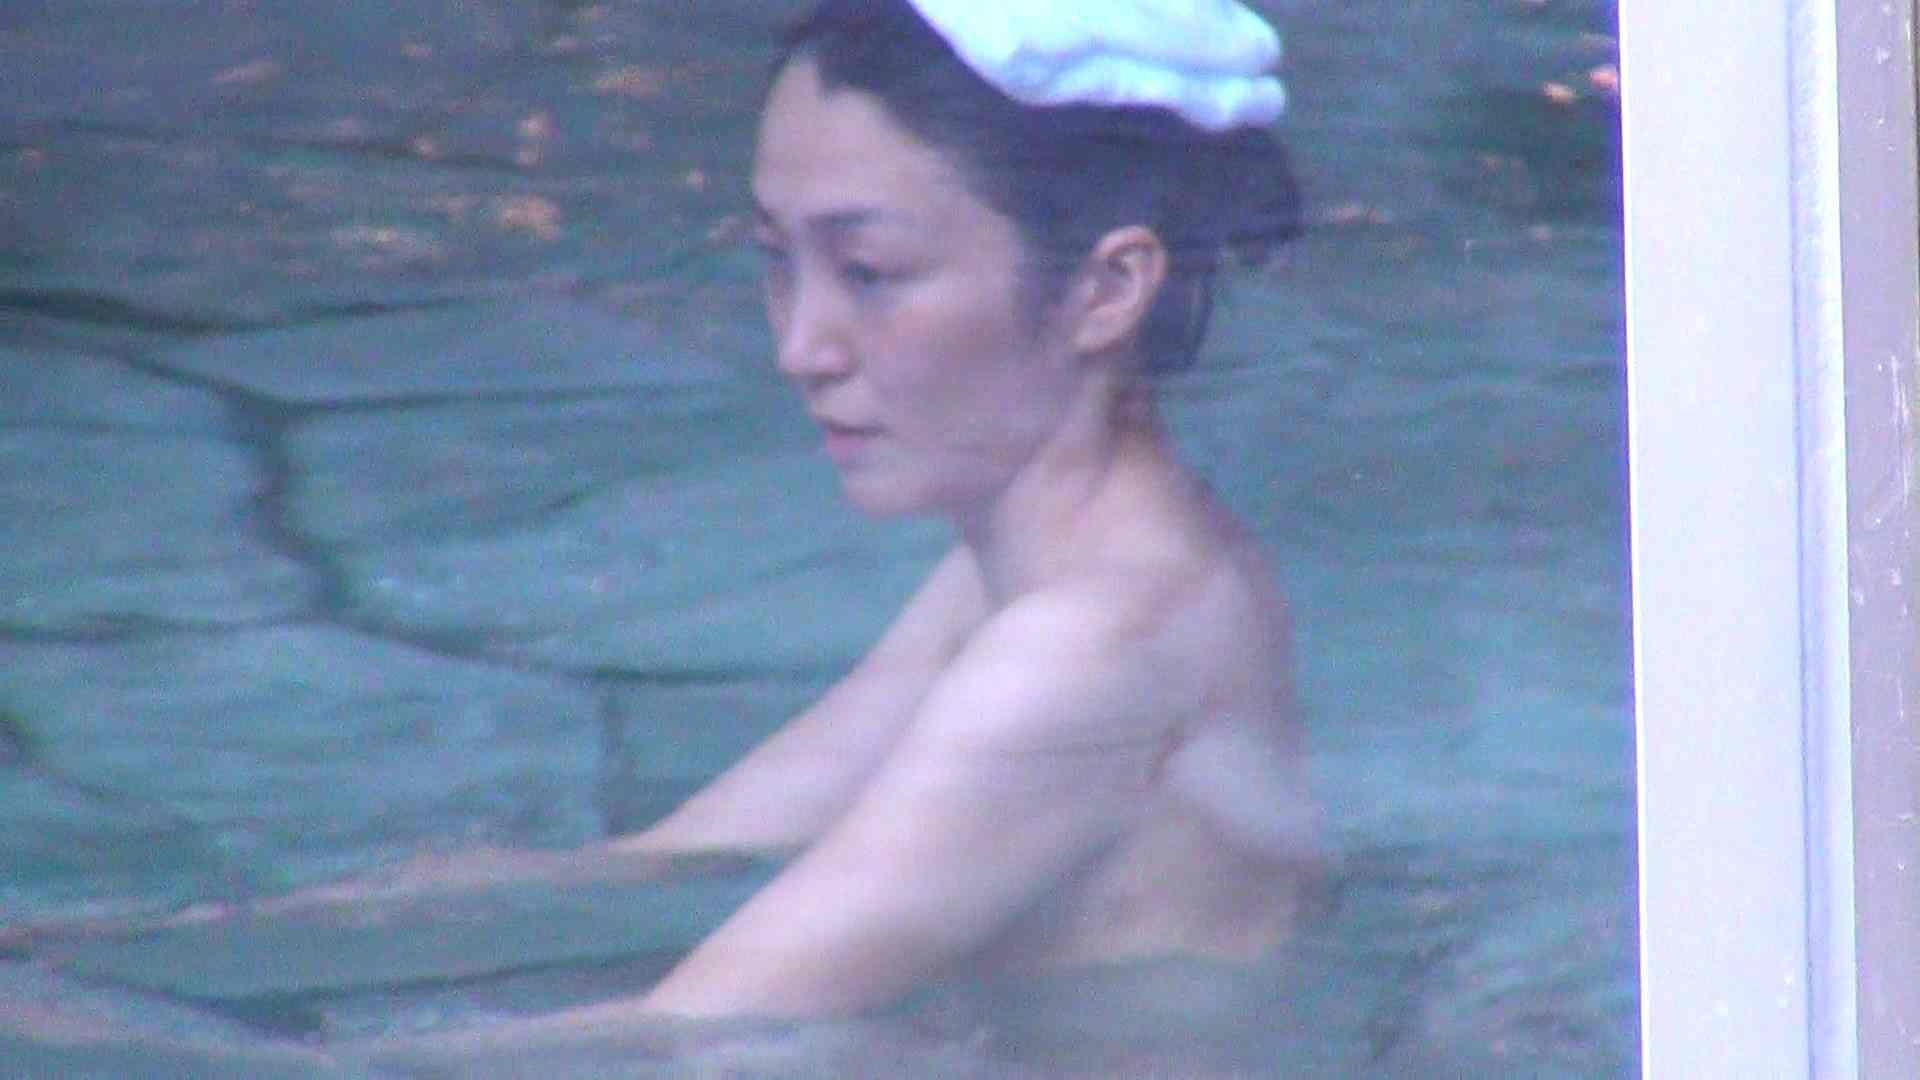 Aquaな露天風呂Vol.290 盗撮 | 露天  104pic 25